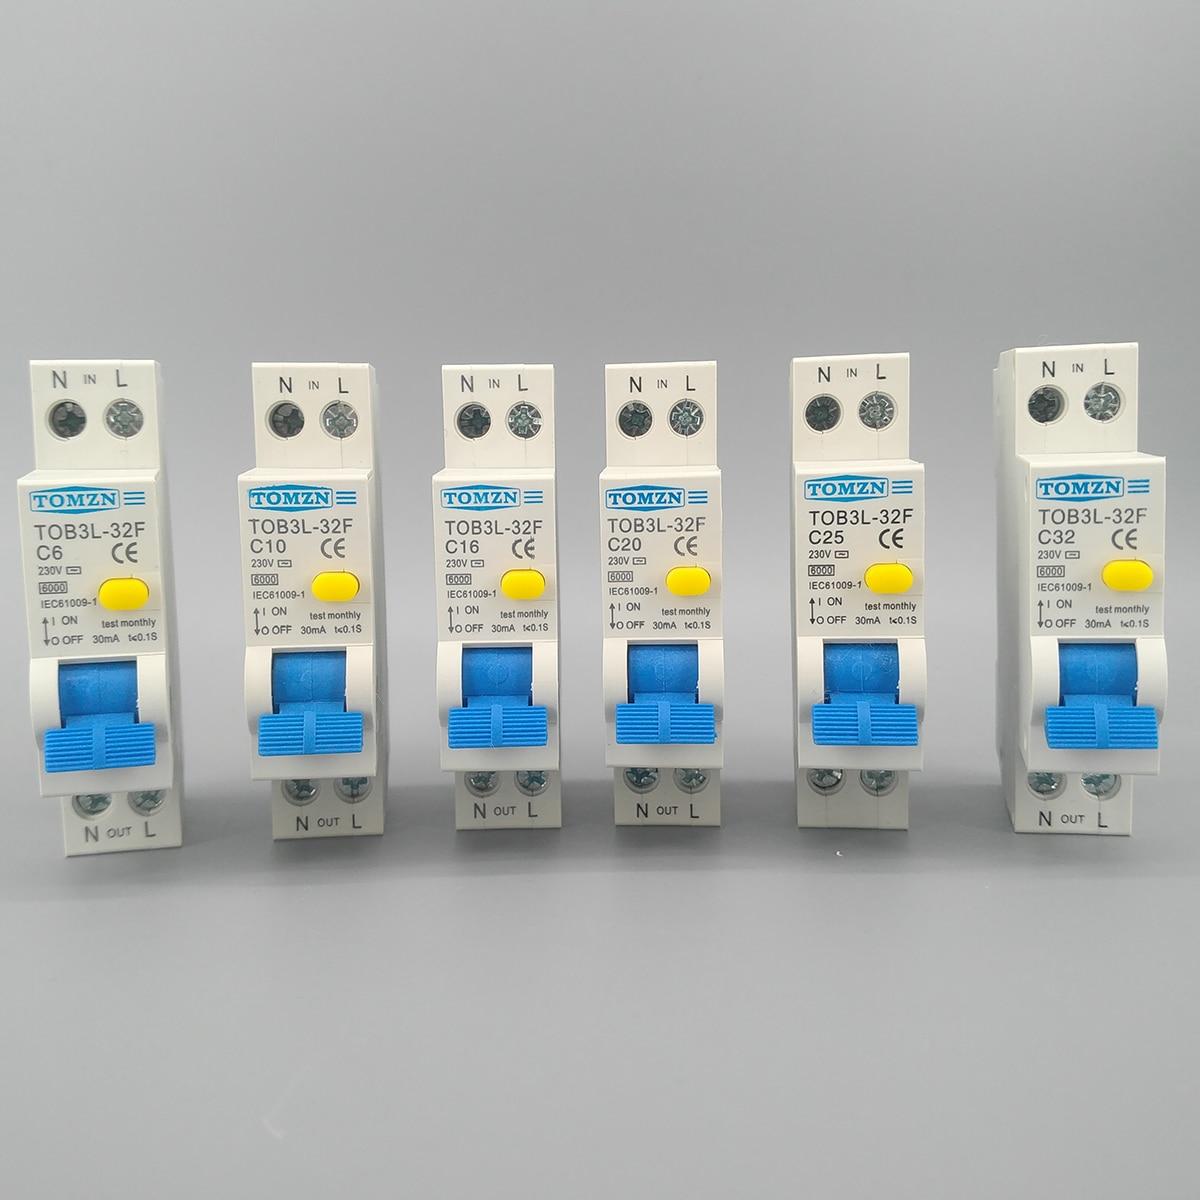 TOB3L-32F 18 ММ RCBO 16A 1 P + N 6КА Остаточный ток выключателя с по сравнению с нынешним и предохранения от Утечки дифференциальный автомат, диф автомат...